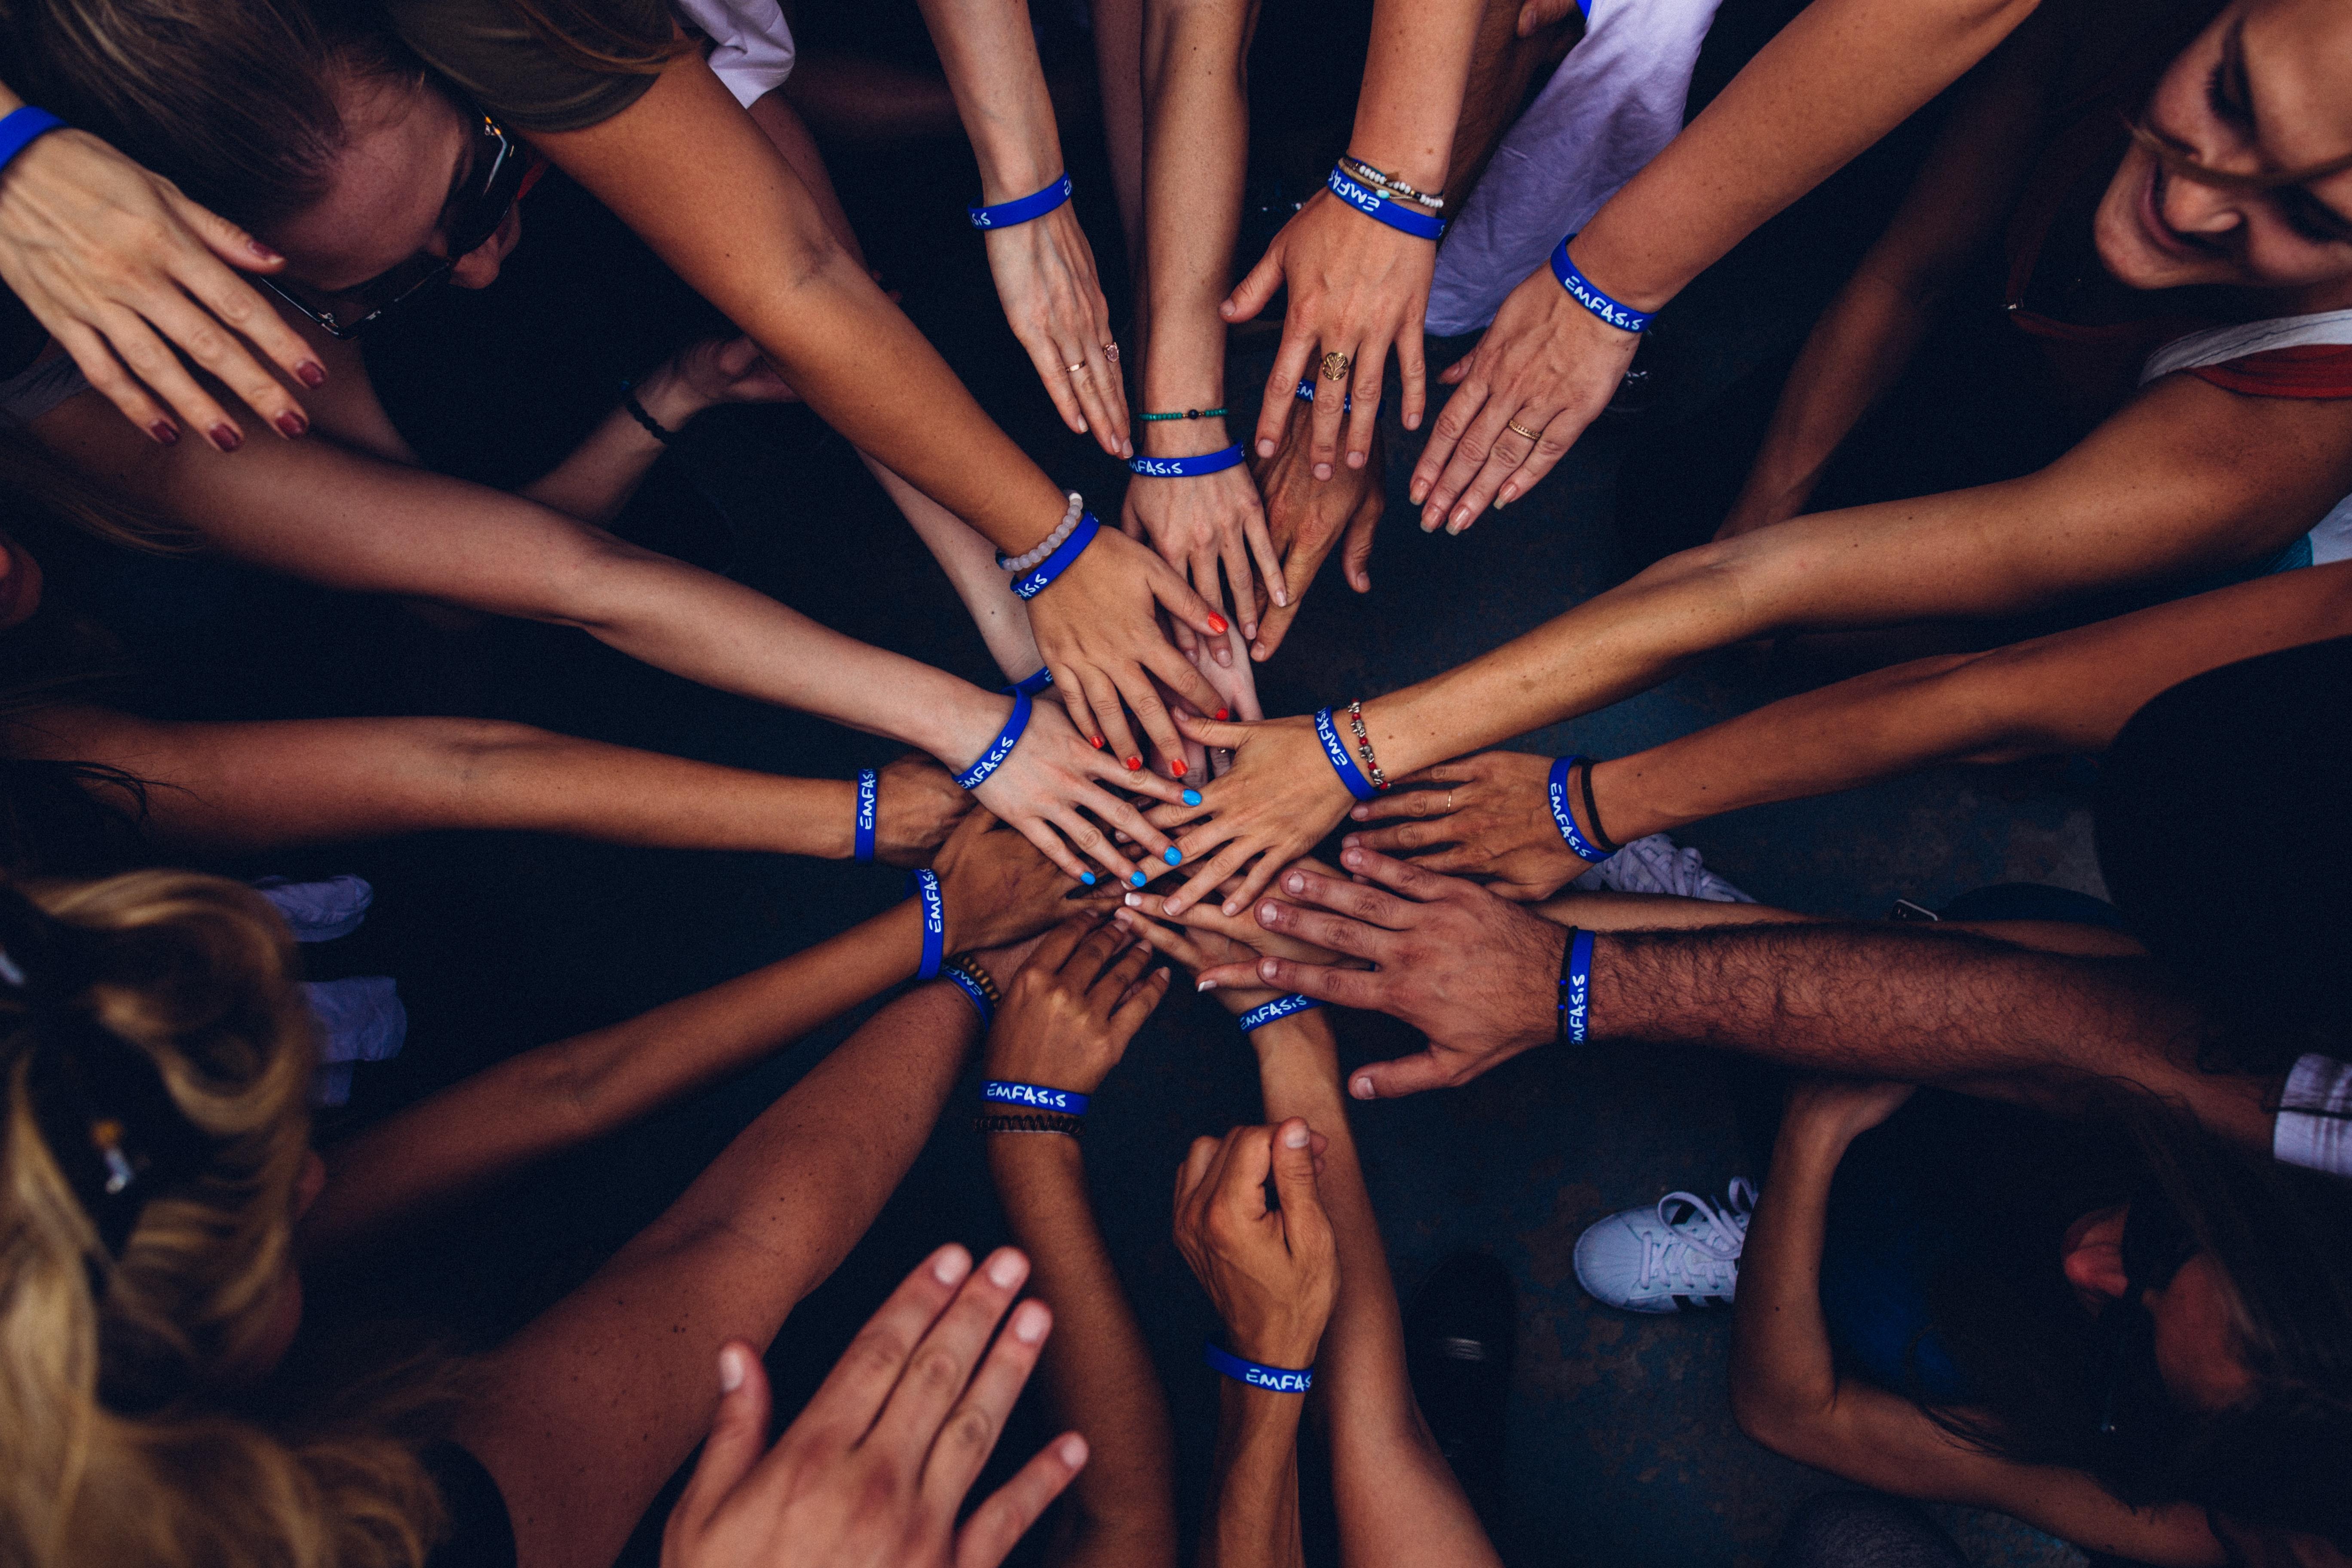 Gemeinsam sind wir stark, ehrenamtliches Engagement, Hände, Hilfsbereitschaft, Freiwilligenarbeit